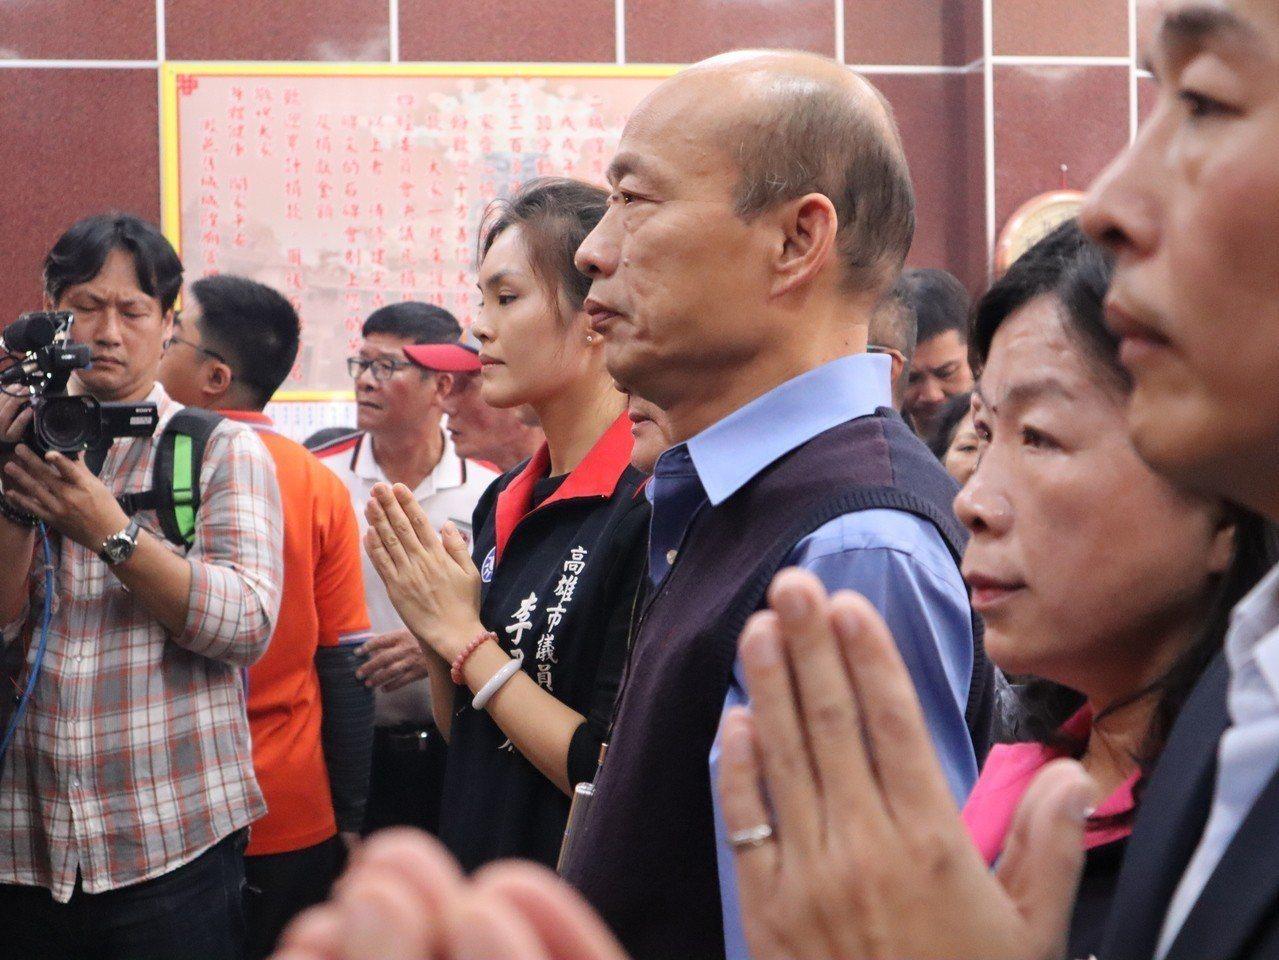 高雄市長韓國瑜今天上午11點前往左營舊城城隍廟參拜。記者張媛榆/攝影